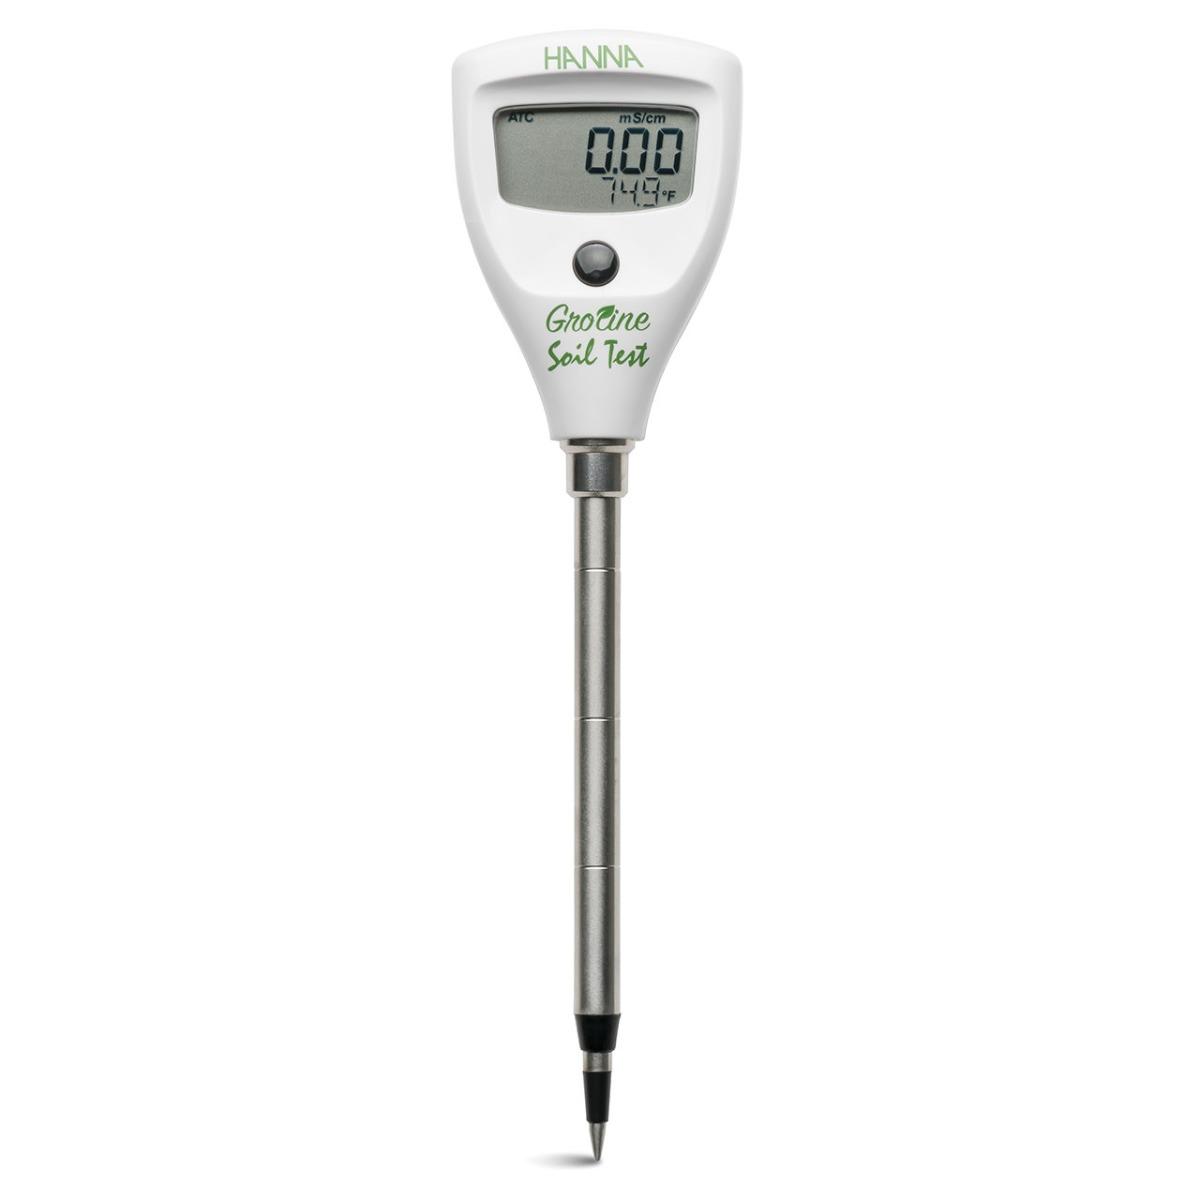 HI98331 Soil Test™ direct soil EC Tester